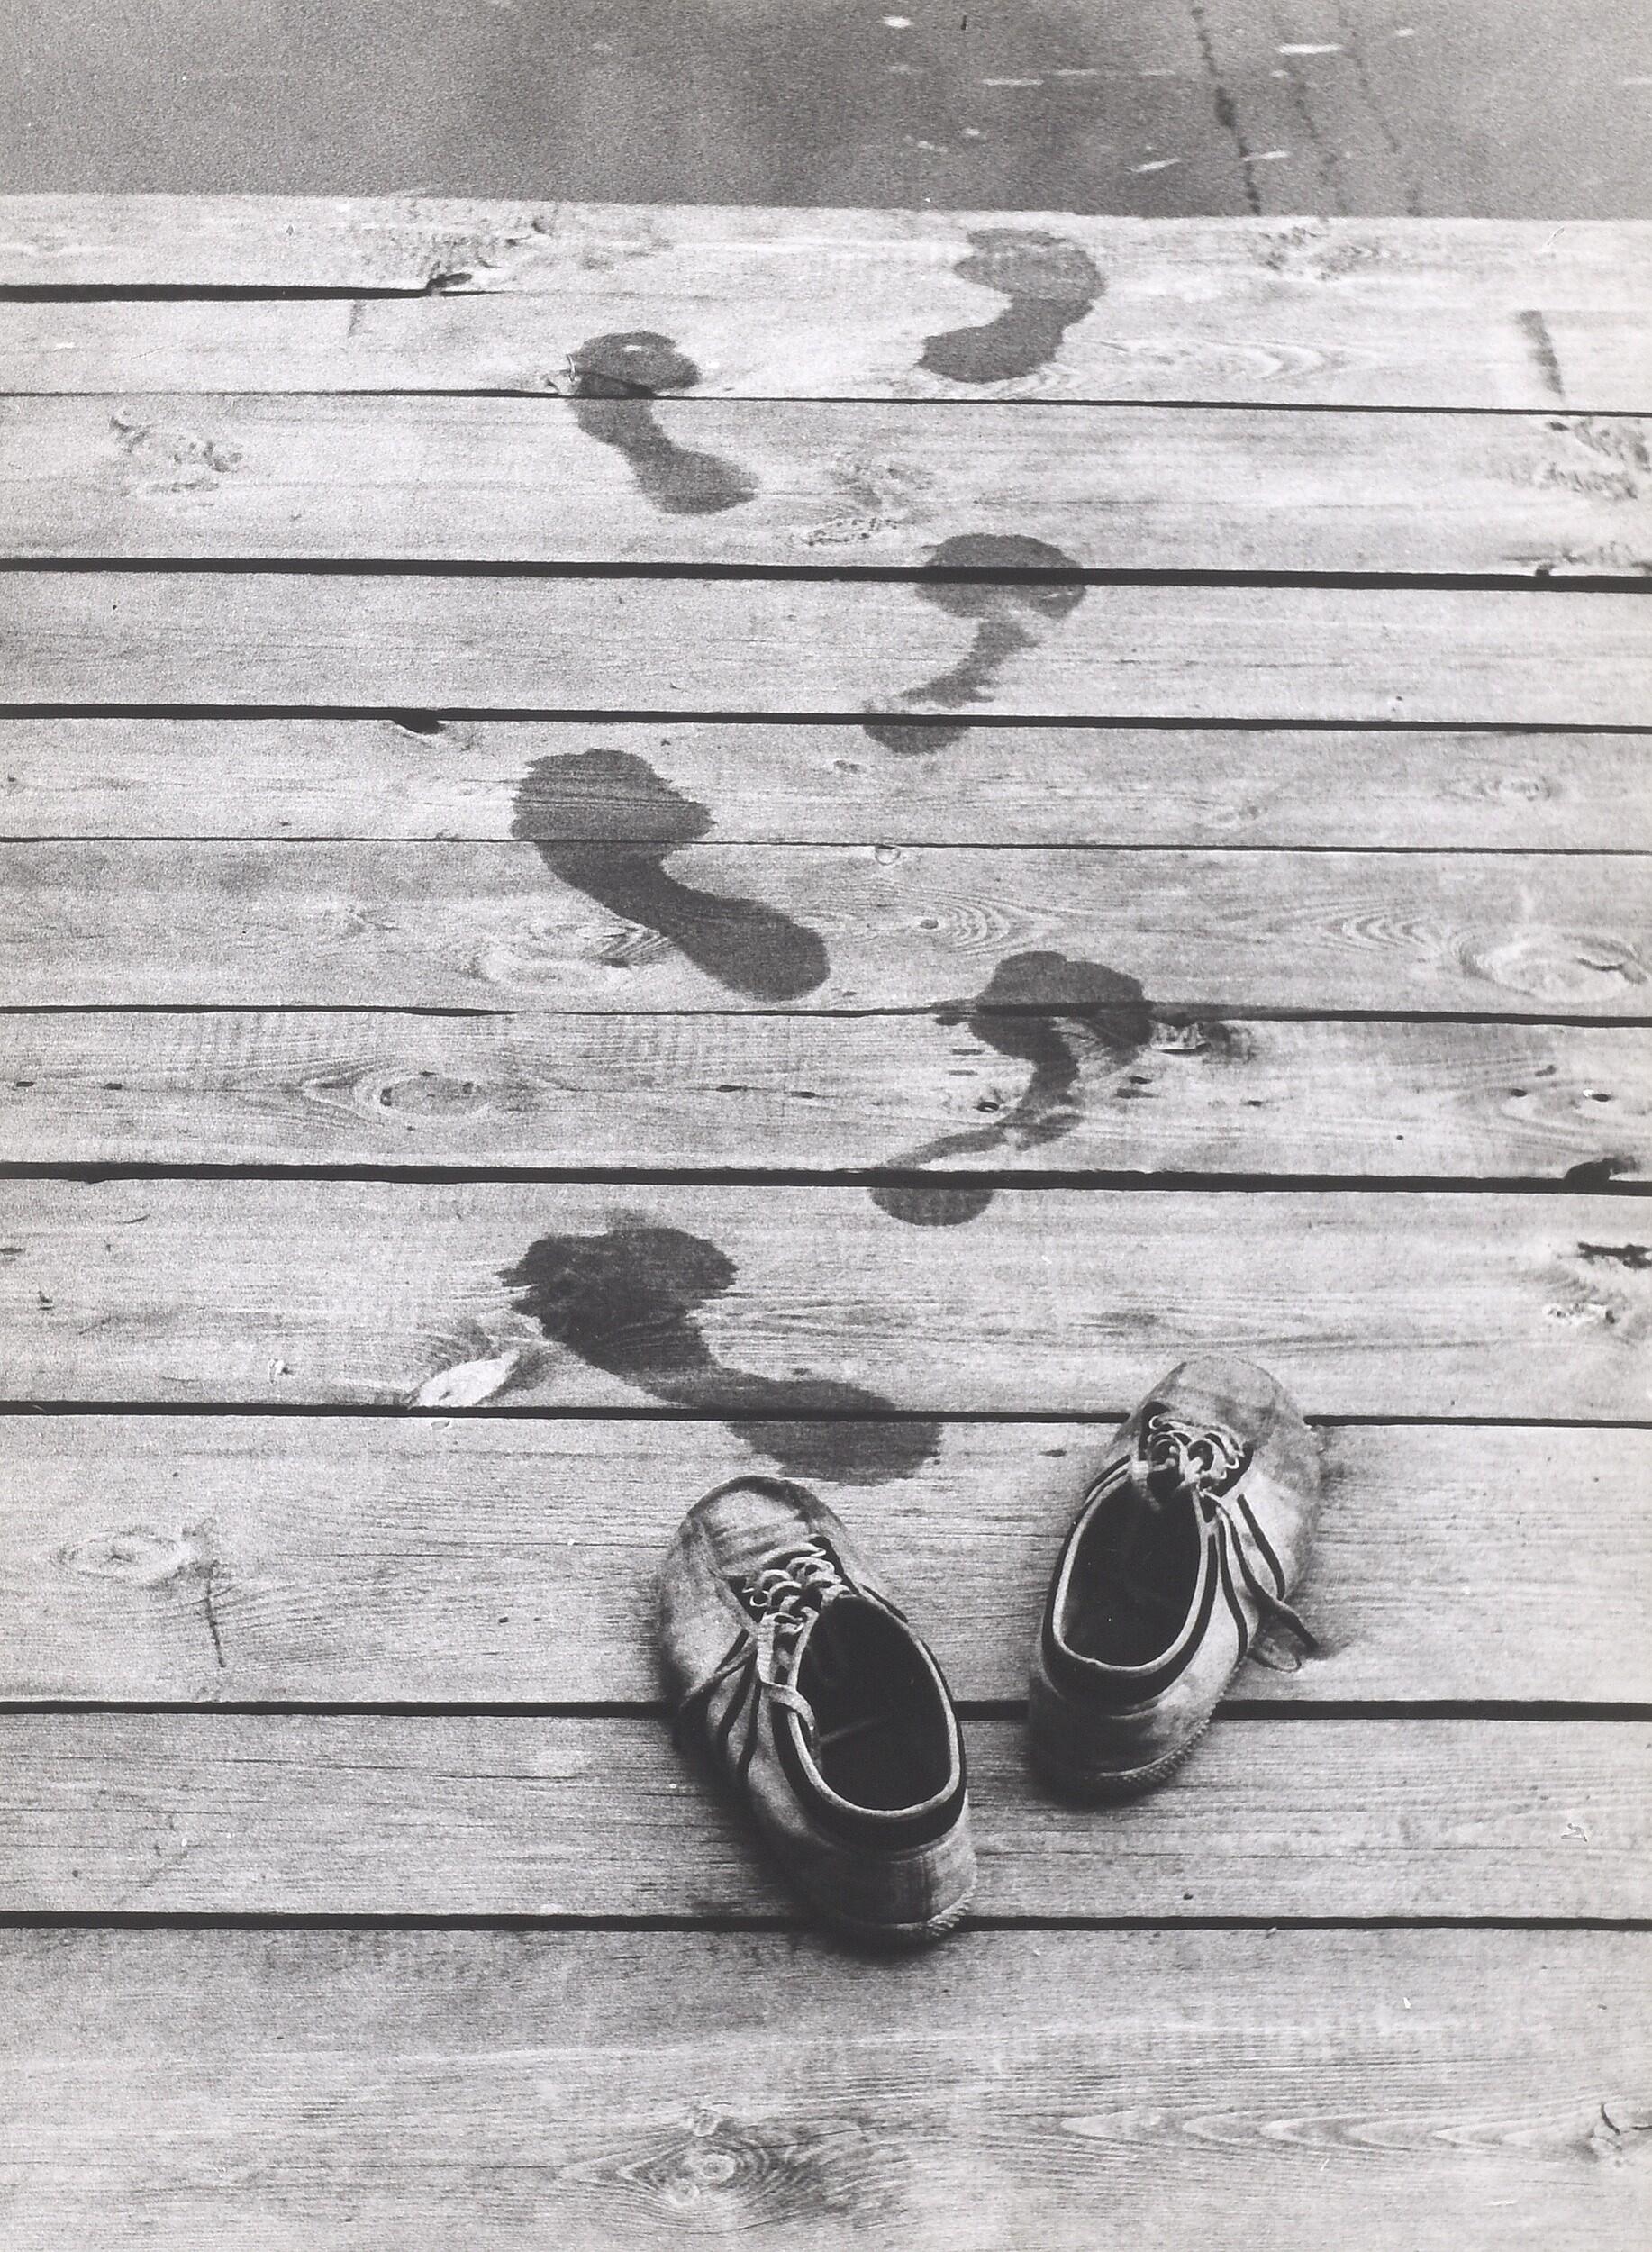 Лето, 1978. Фотограф Франтишек Досталь